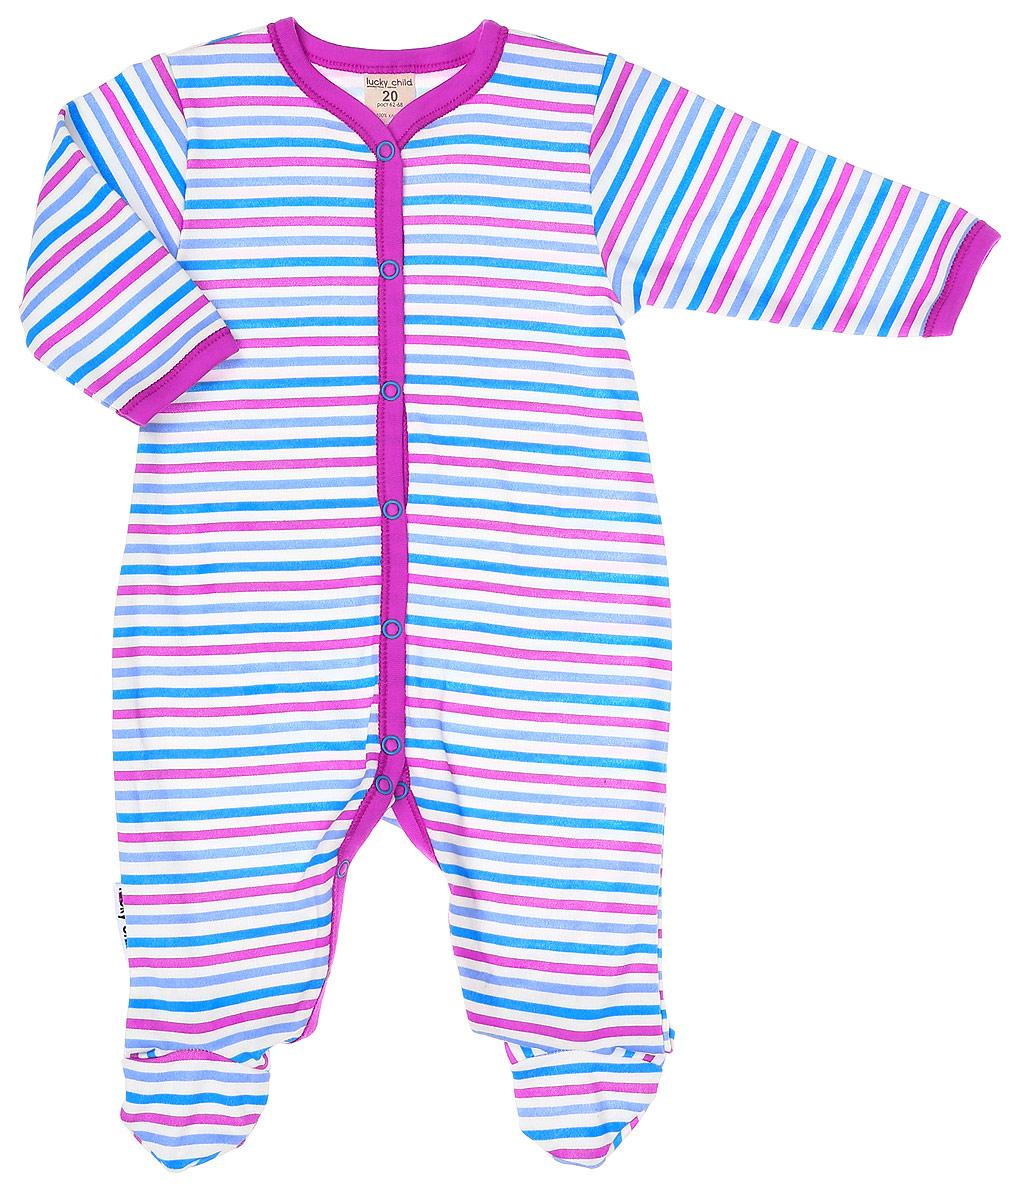 Комбинезон домашний детский Luky Child, цвет: розовый, молочный. А6-101. Размер 62/68А6-101Детский комбинезон Lucky Child - очень удобный и практичный вид одежды для малышей. Комбинезон выполнен из натурального хлопка, благодаря чему он необычайно мягкий и приятный на ощупь, не раздражают нежную кожу ребенка и хорошо вентилируются, а эластичные швы приятны телу малыша и не препятствуют его движениям. Комбинезон с длинными рукавами и закрытыми ножками имеет застежки-кнопки от горловины до щиколоток, которые помогают легко переодеть младенца или сменить подгузник. С детским комбинезоном Lucky Child спинка и ножки вашего малыша всегда будут в тепле, он идеален для использования днем и незаменим ночью. Комбинезон полностью соответствует особенностям жизни младенца в ранний период, не стесняя и не ограничивая его в движениях!